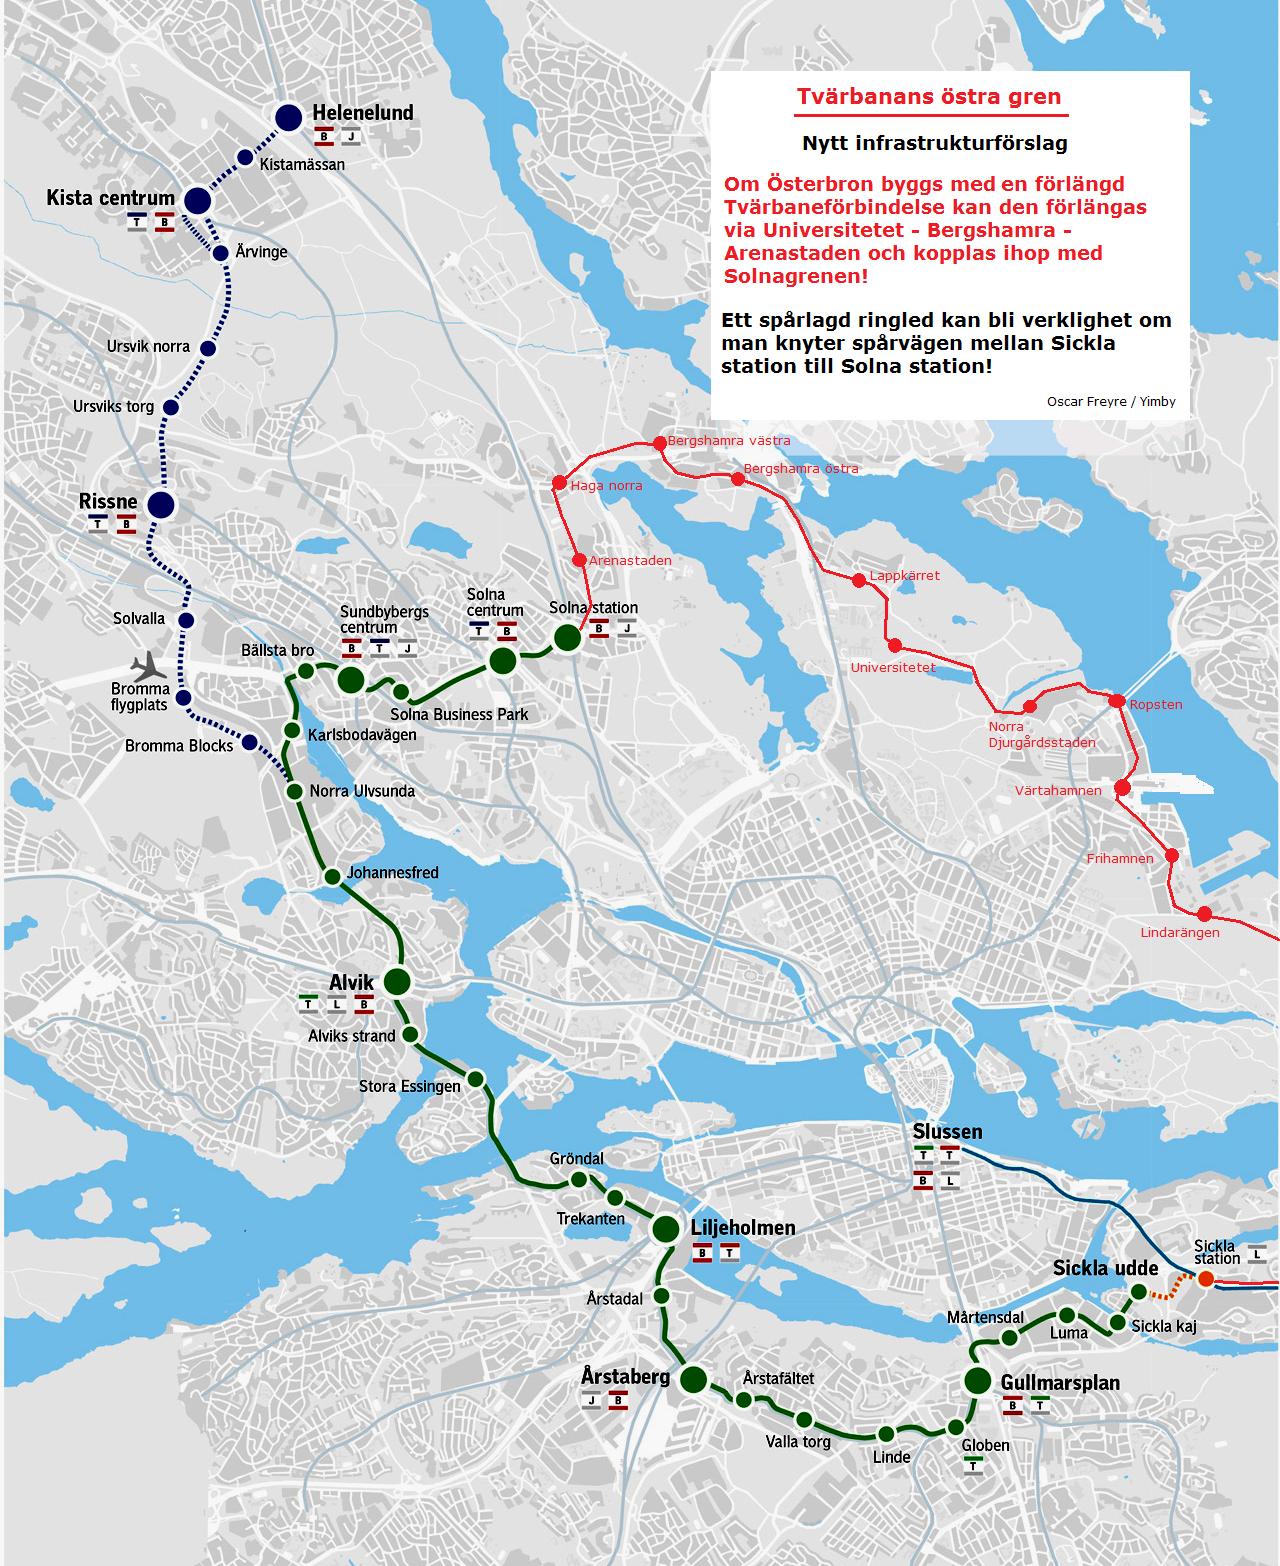 Stadsutvecklingen Nyheter Om Kollektivtrafiken